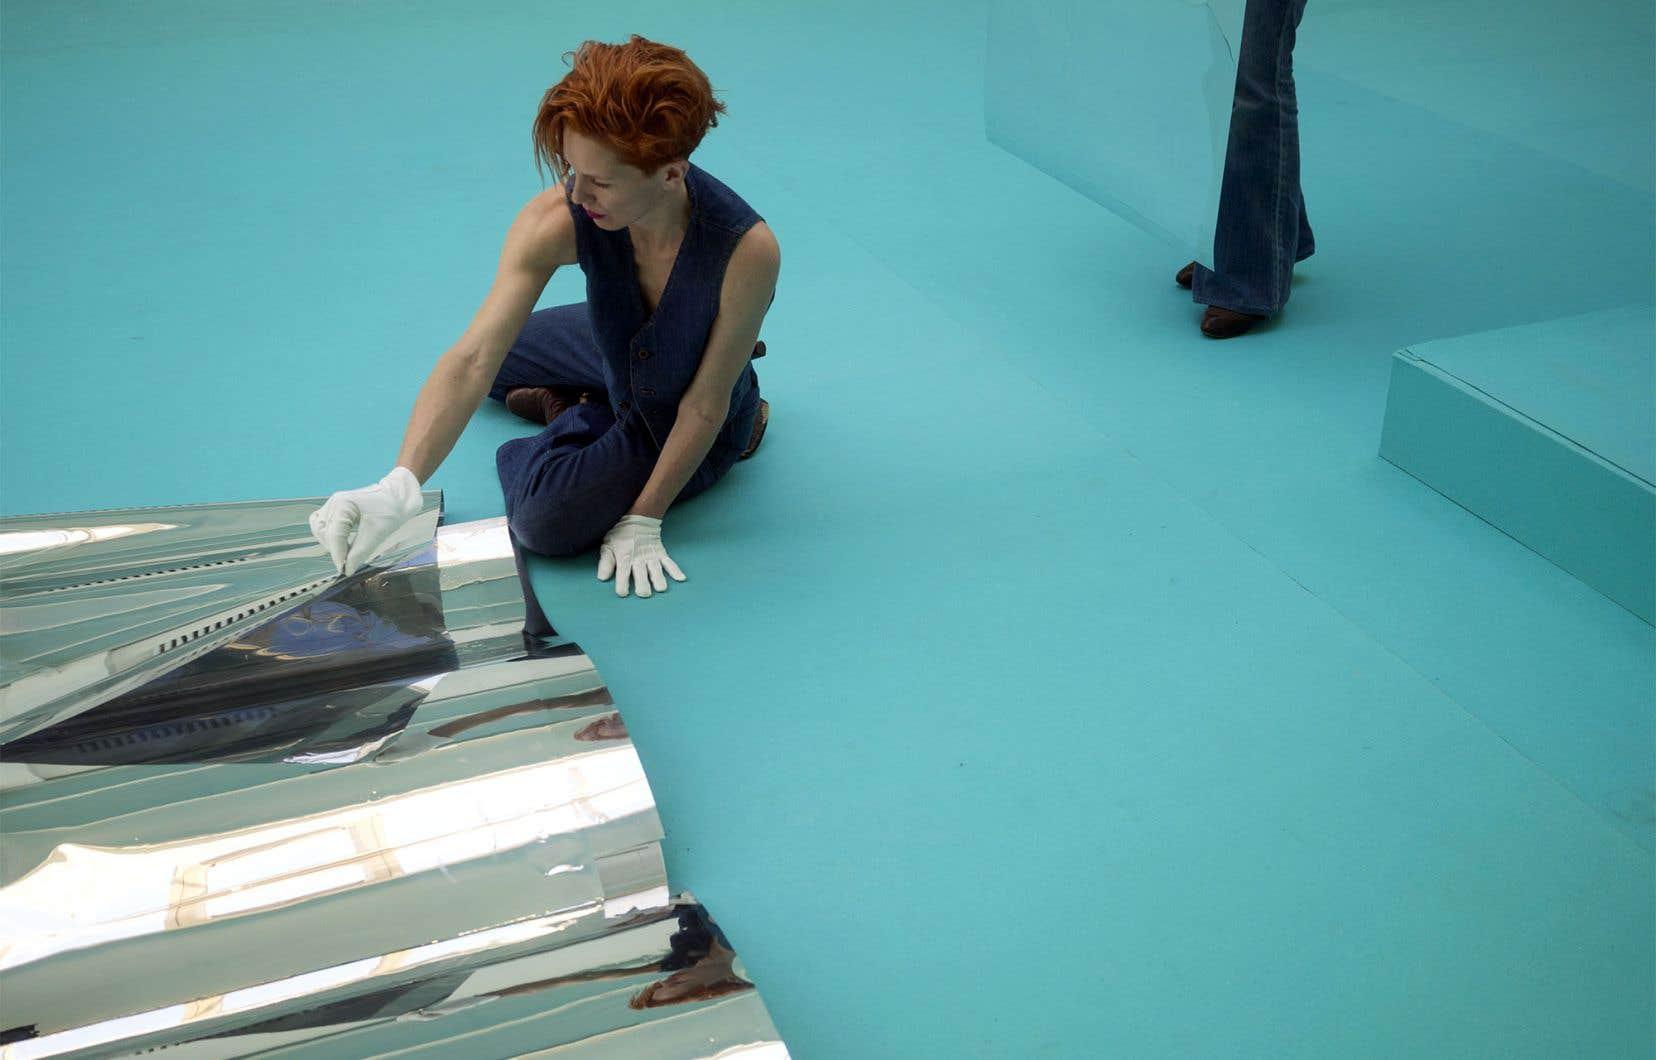 Un premier rituel se répète tandis que chaque interprète vient détacher de larges feuilles miroirs de grands livres ouverts sur le sol et traverse l'espace à reculons.